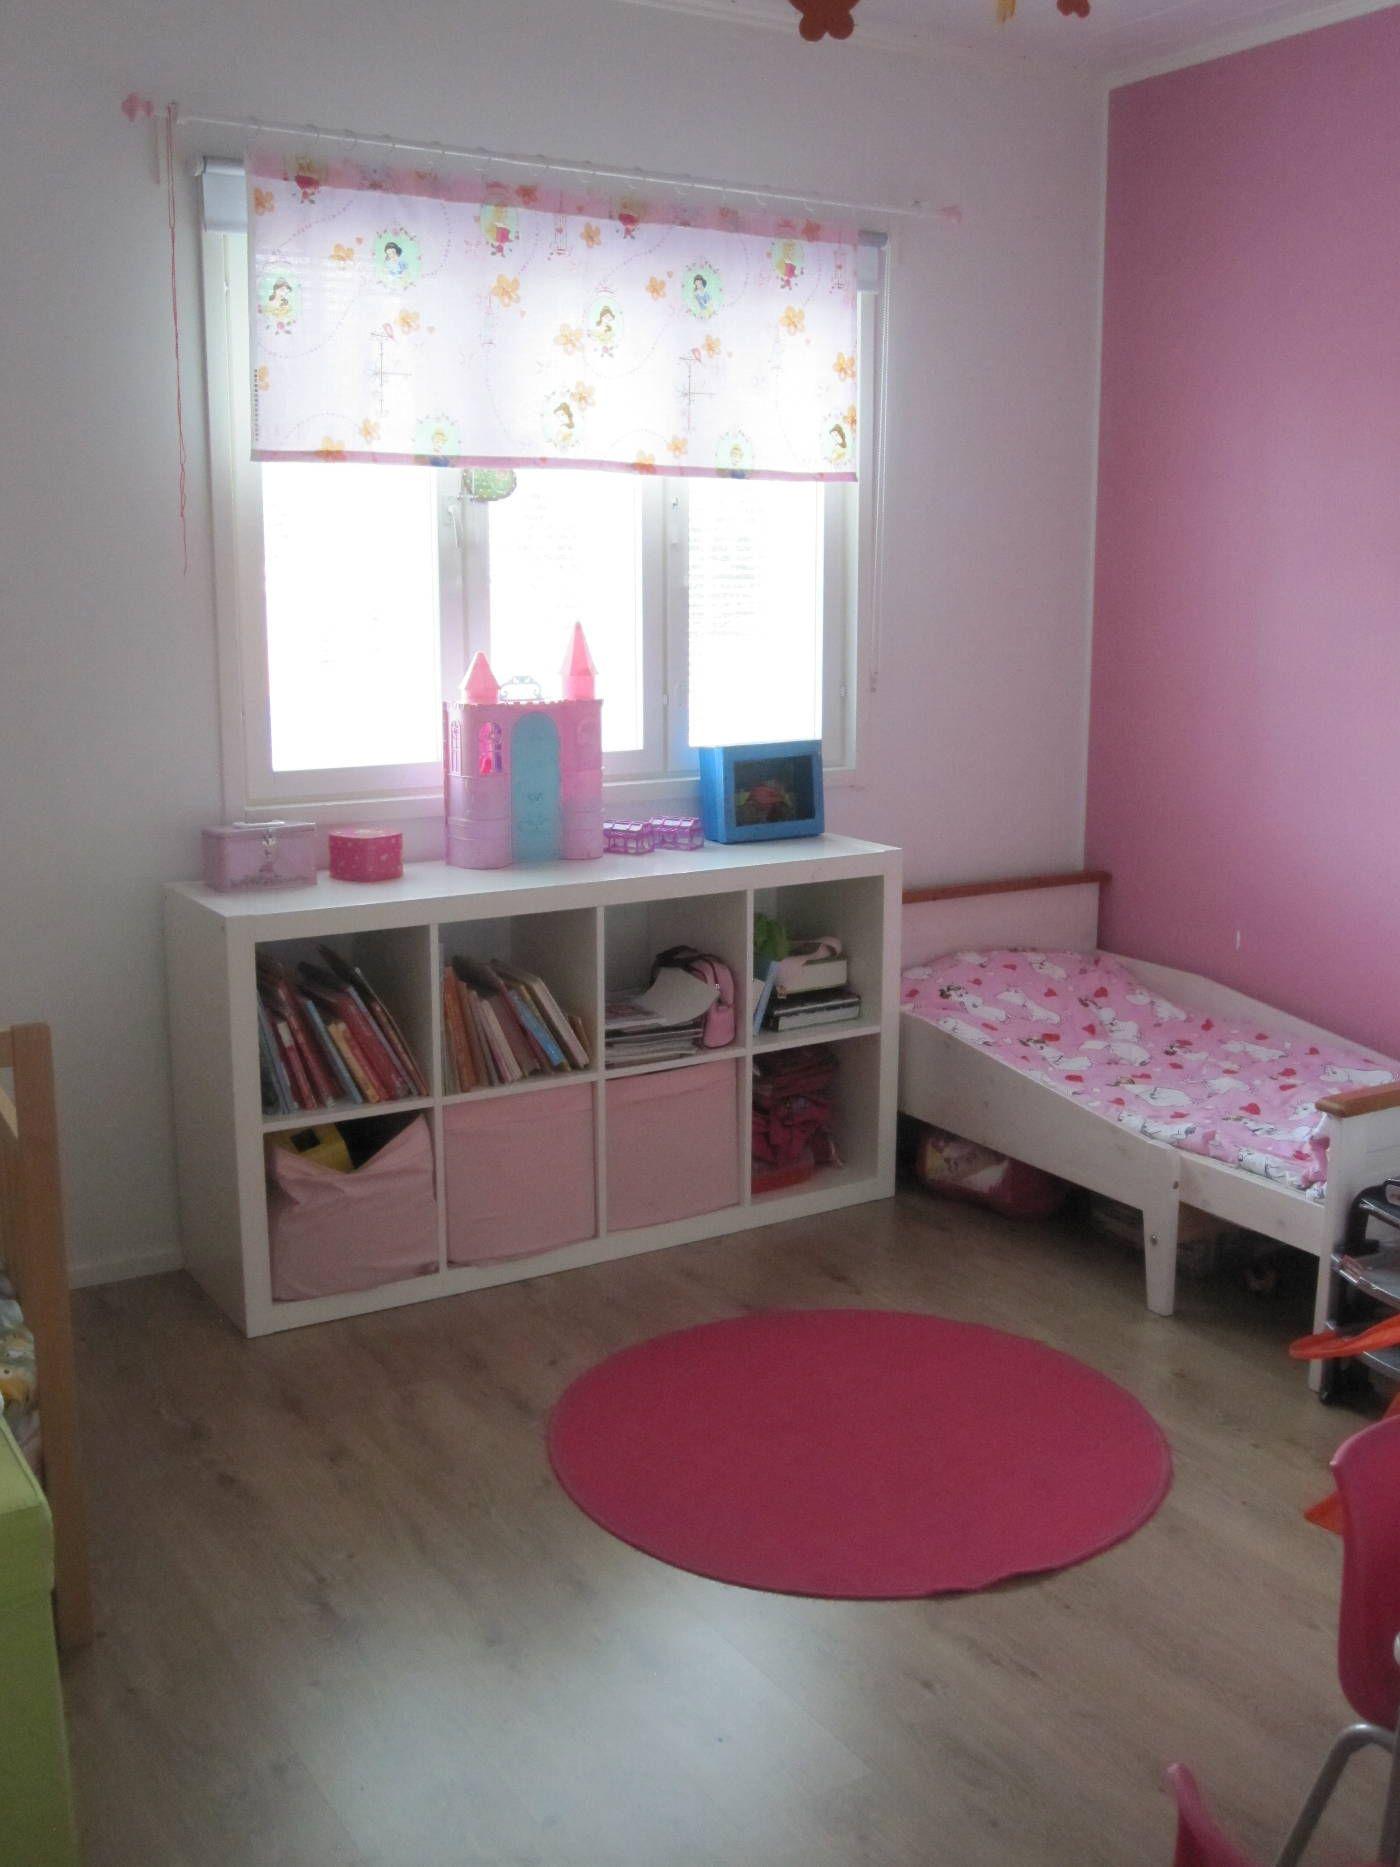 lasten makuuhuone - Google-haku